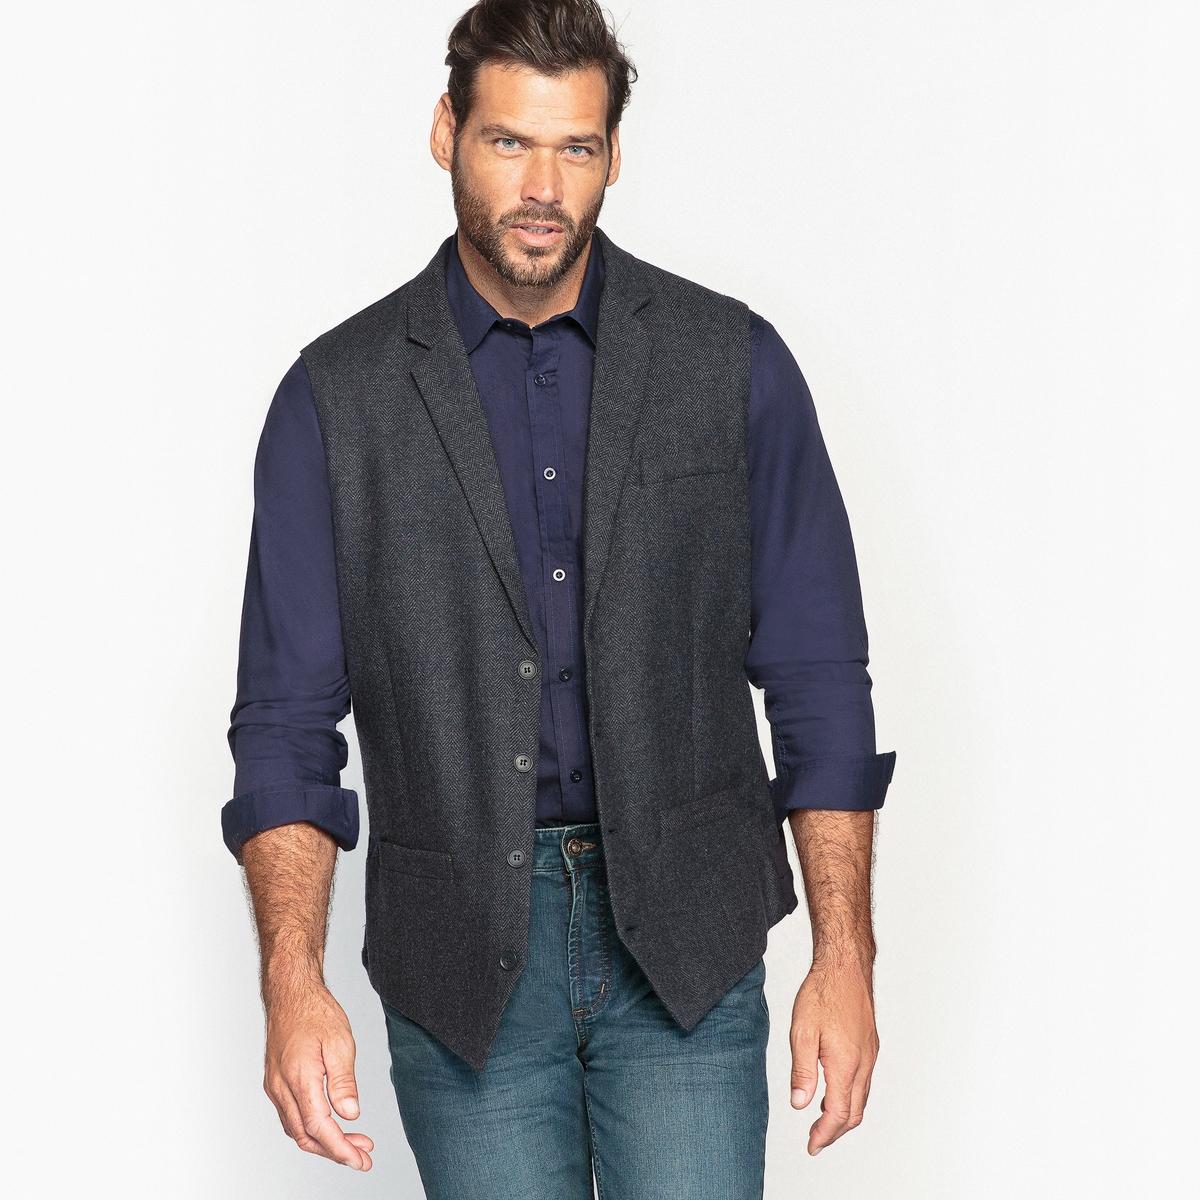 Жилет костюмный прямого покрояОписание:Стильный костюмный жилет из твида. С рубашкой и джинсами подойдет к классическому или городскому образу.Детали •  Пиджак костюмный •  Прямой покрой •  Воротник-поло, рубашечныйСостав и уход •  43% шерсти, 6% других волокон, 51% полиэстера •  Подкладка : 100% полиэстер • Не стирать •  Допускается чистка любыми растворителями / отбеливание запрещено •  Не использовать барабанную сушку •  Не гладитьТовар из коллекции больших размеров<br><br>Цвет: темно-синий<br>Размер: 56.60.58